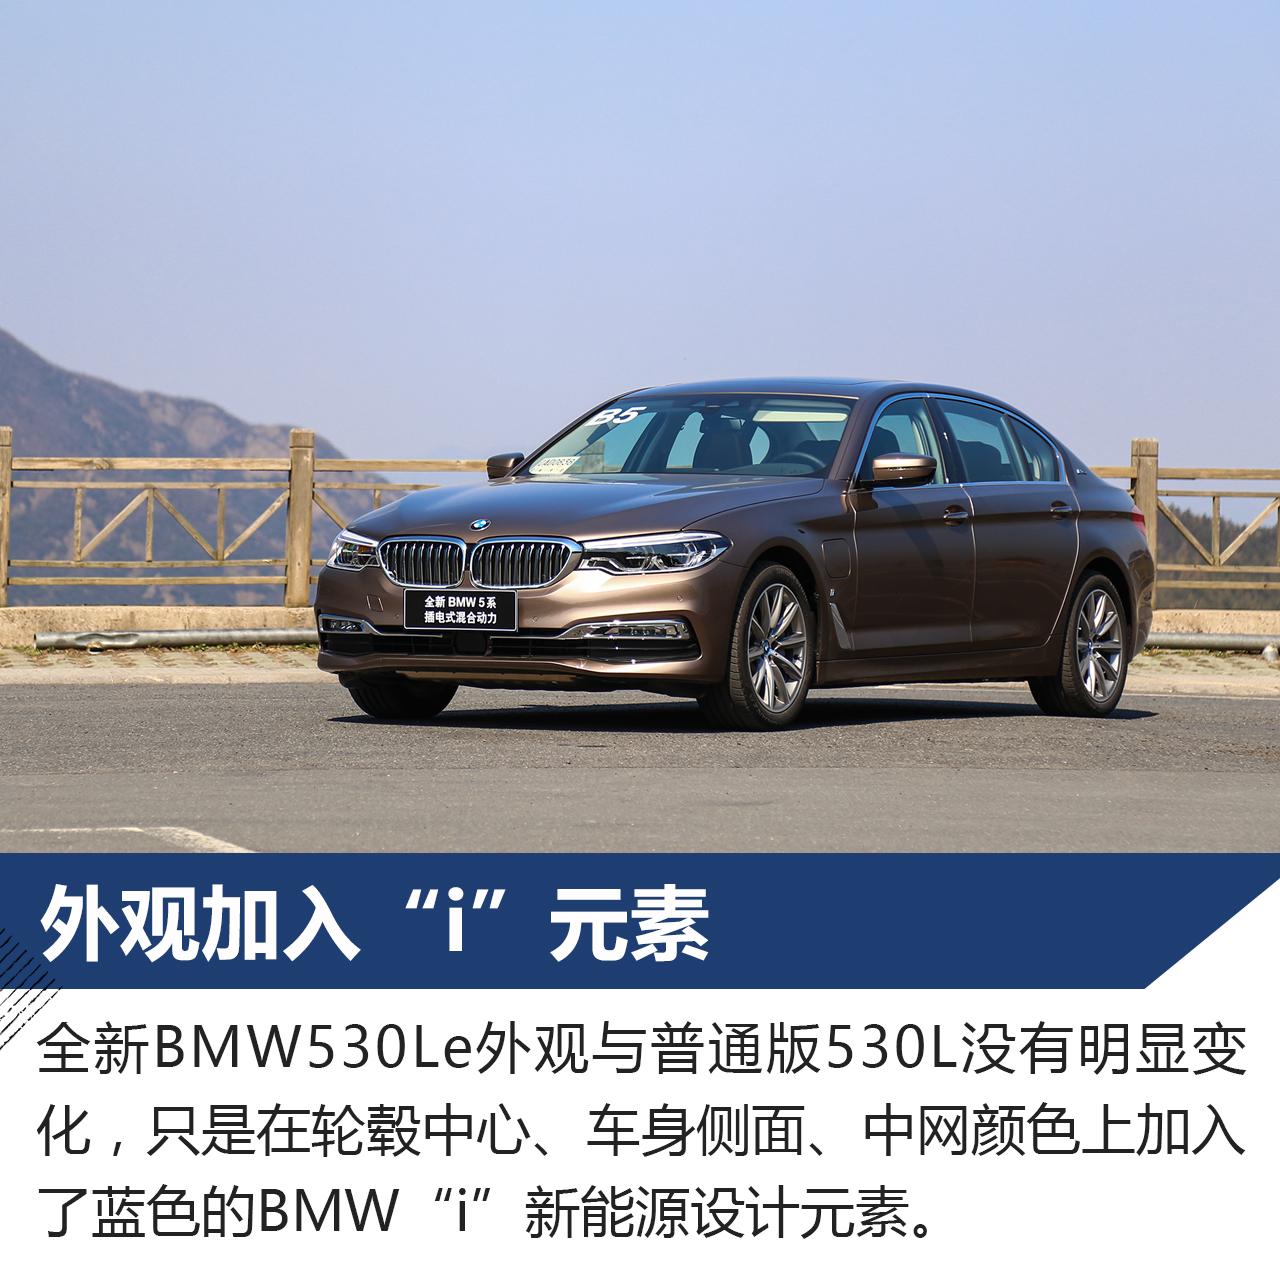 重新定义舒适行政级 试驾全新BMW 530Le